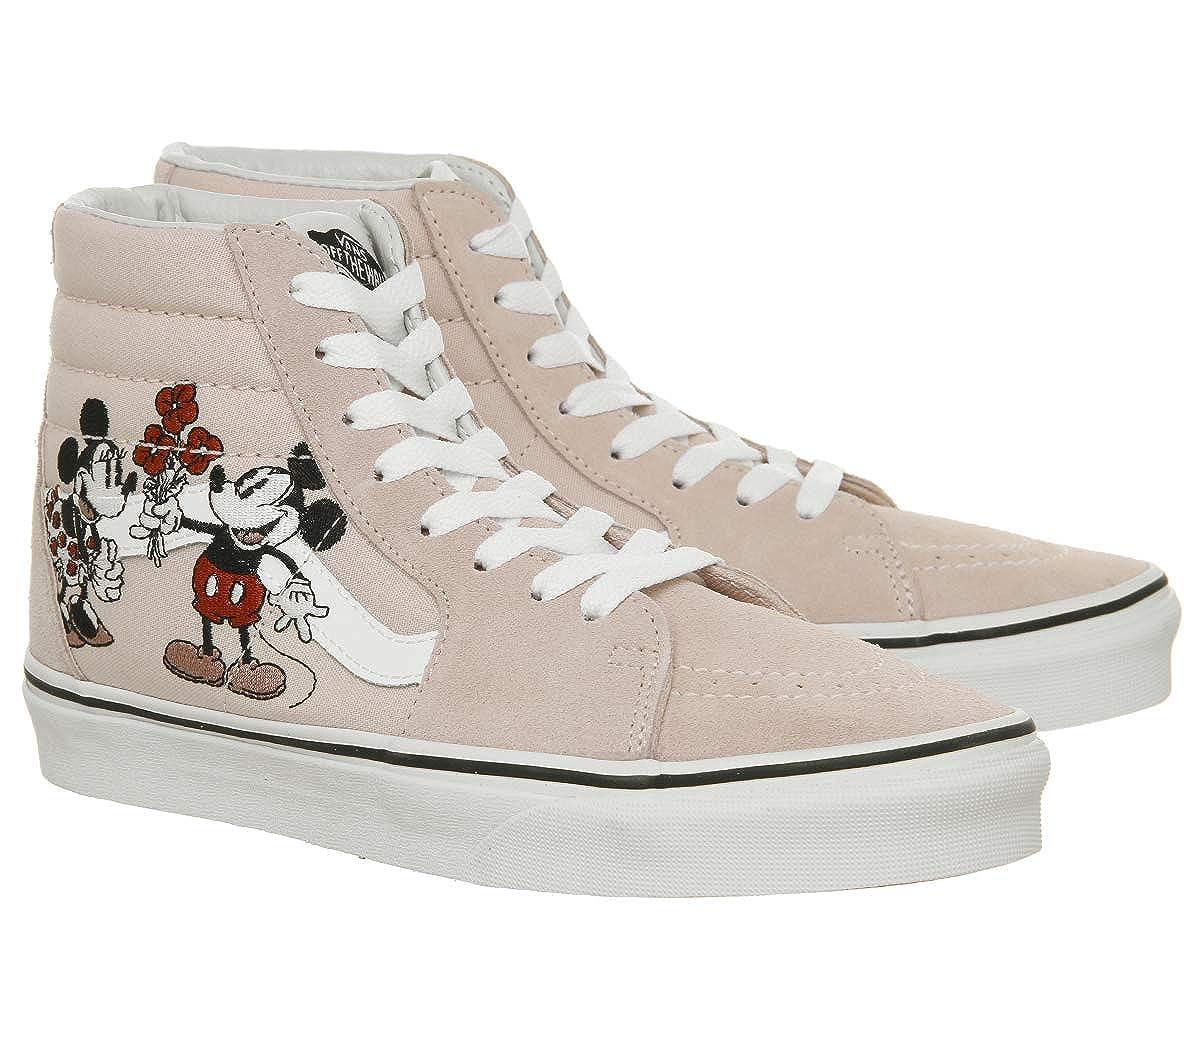 Vans Disney SK8-Hi SK8-Hi SK8-Hi Mickey & Minnie Sneaker pink  Pink 93721a